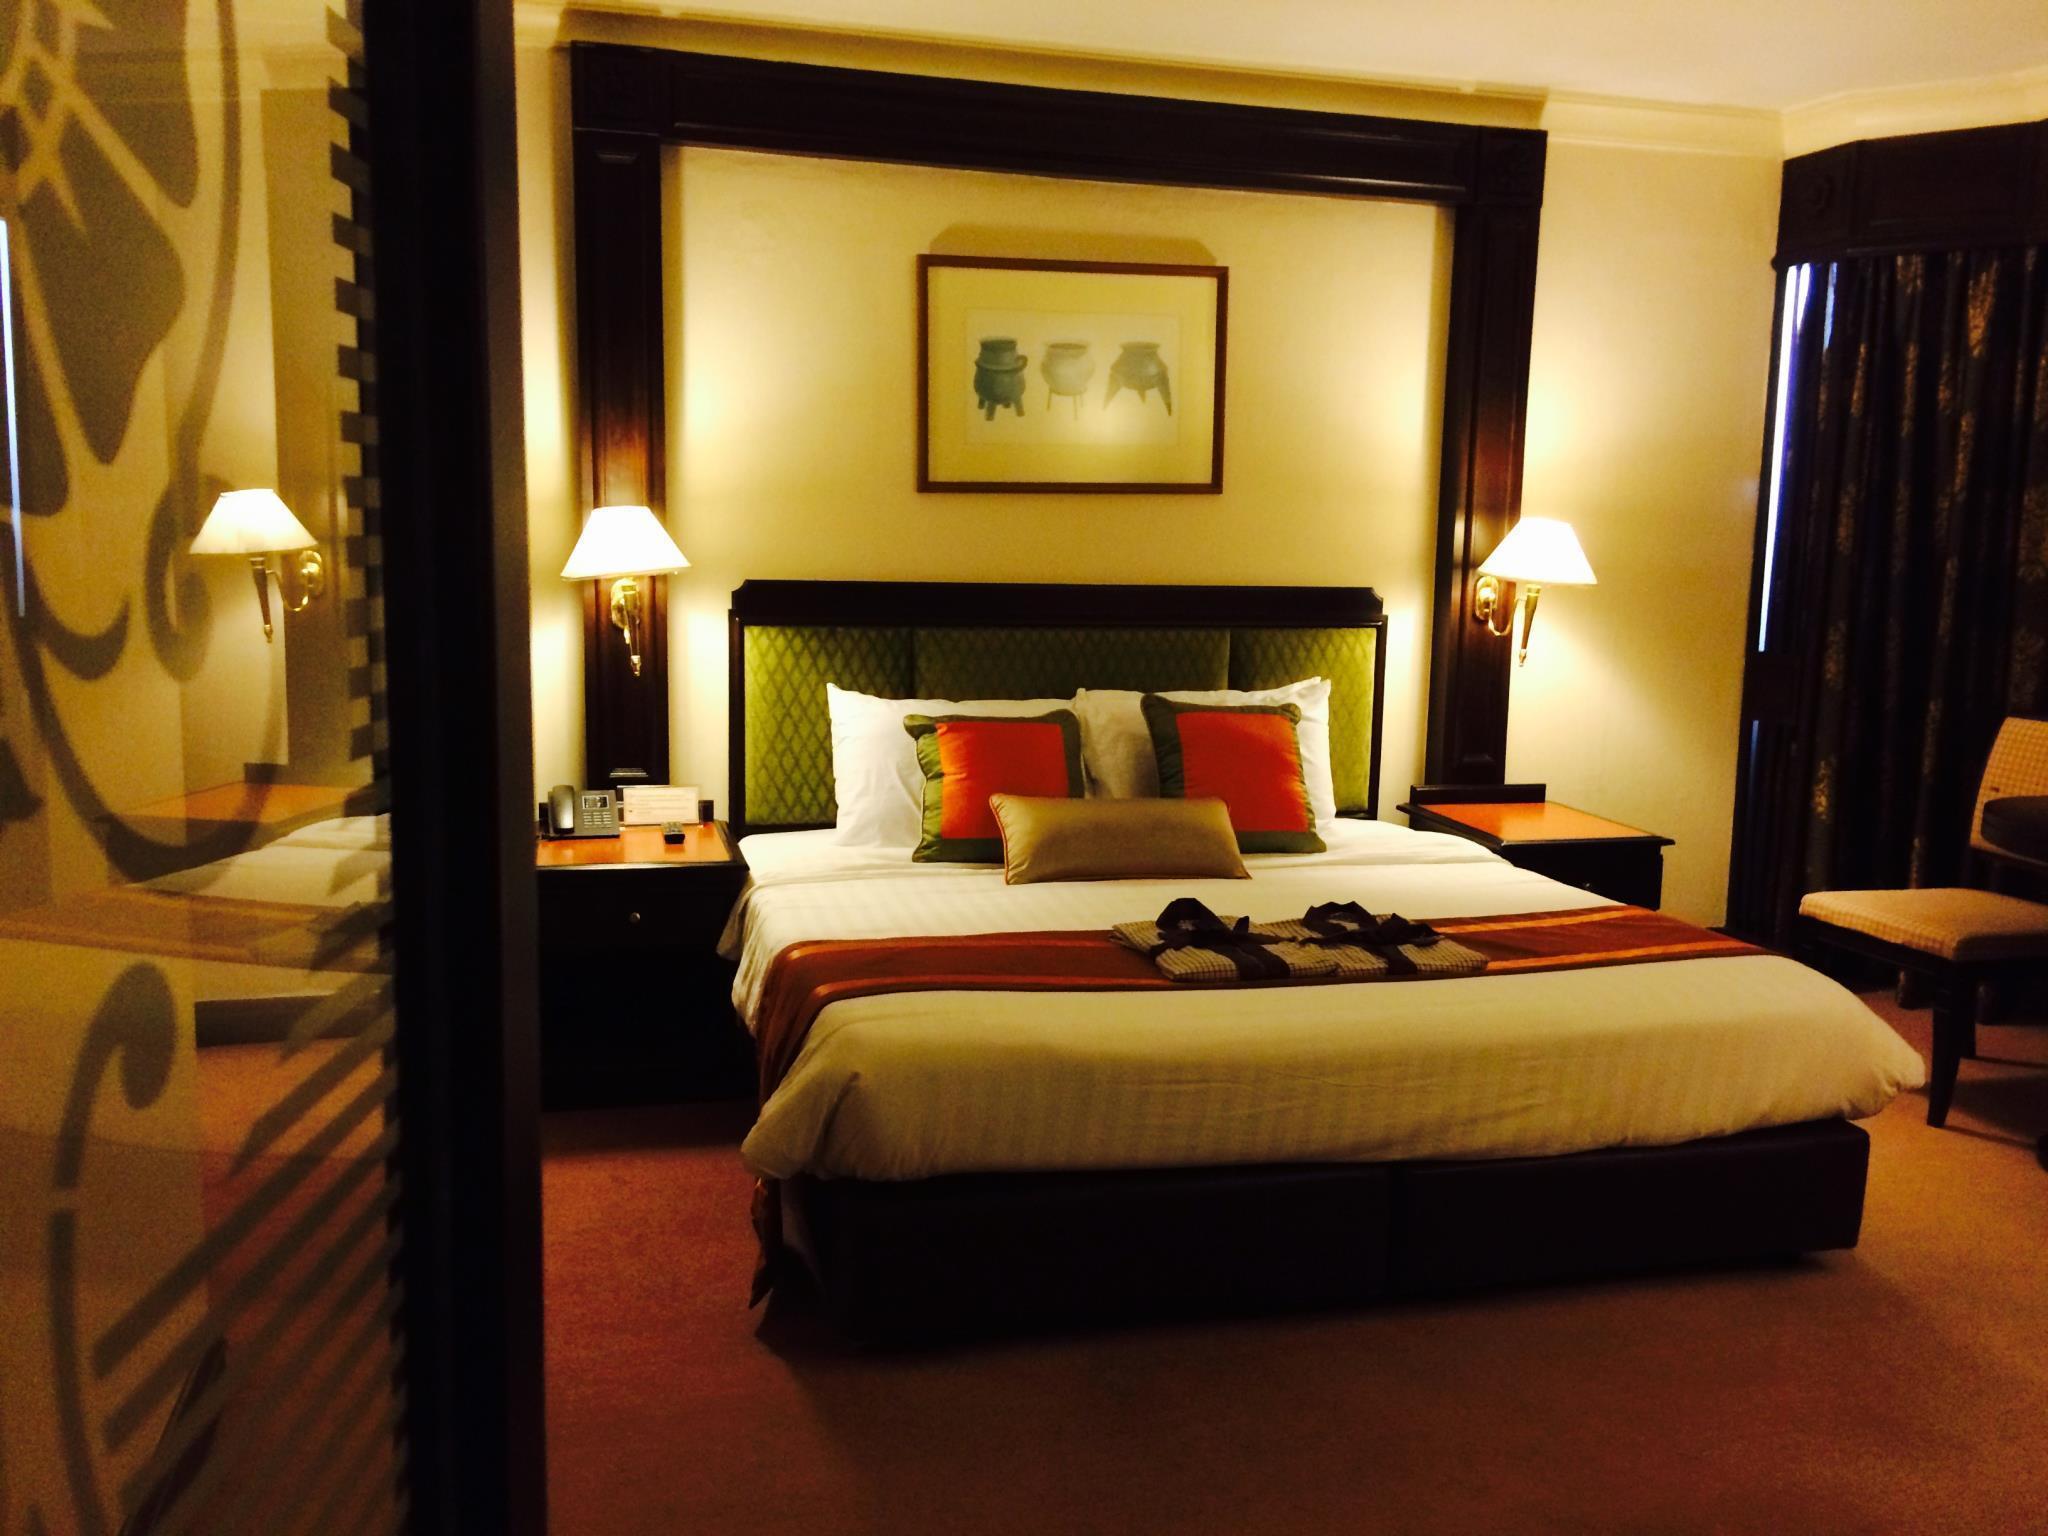 Topland Hotel โรงแรมท็อปแลนด์